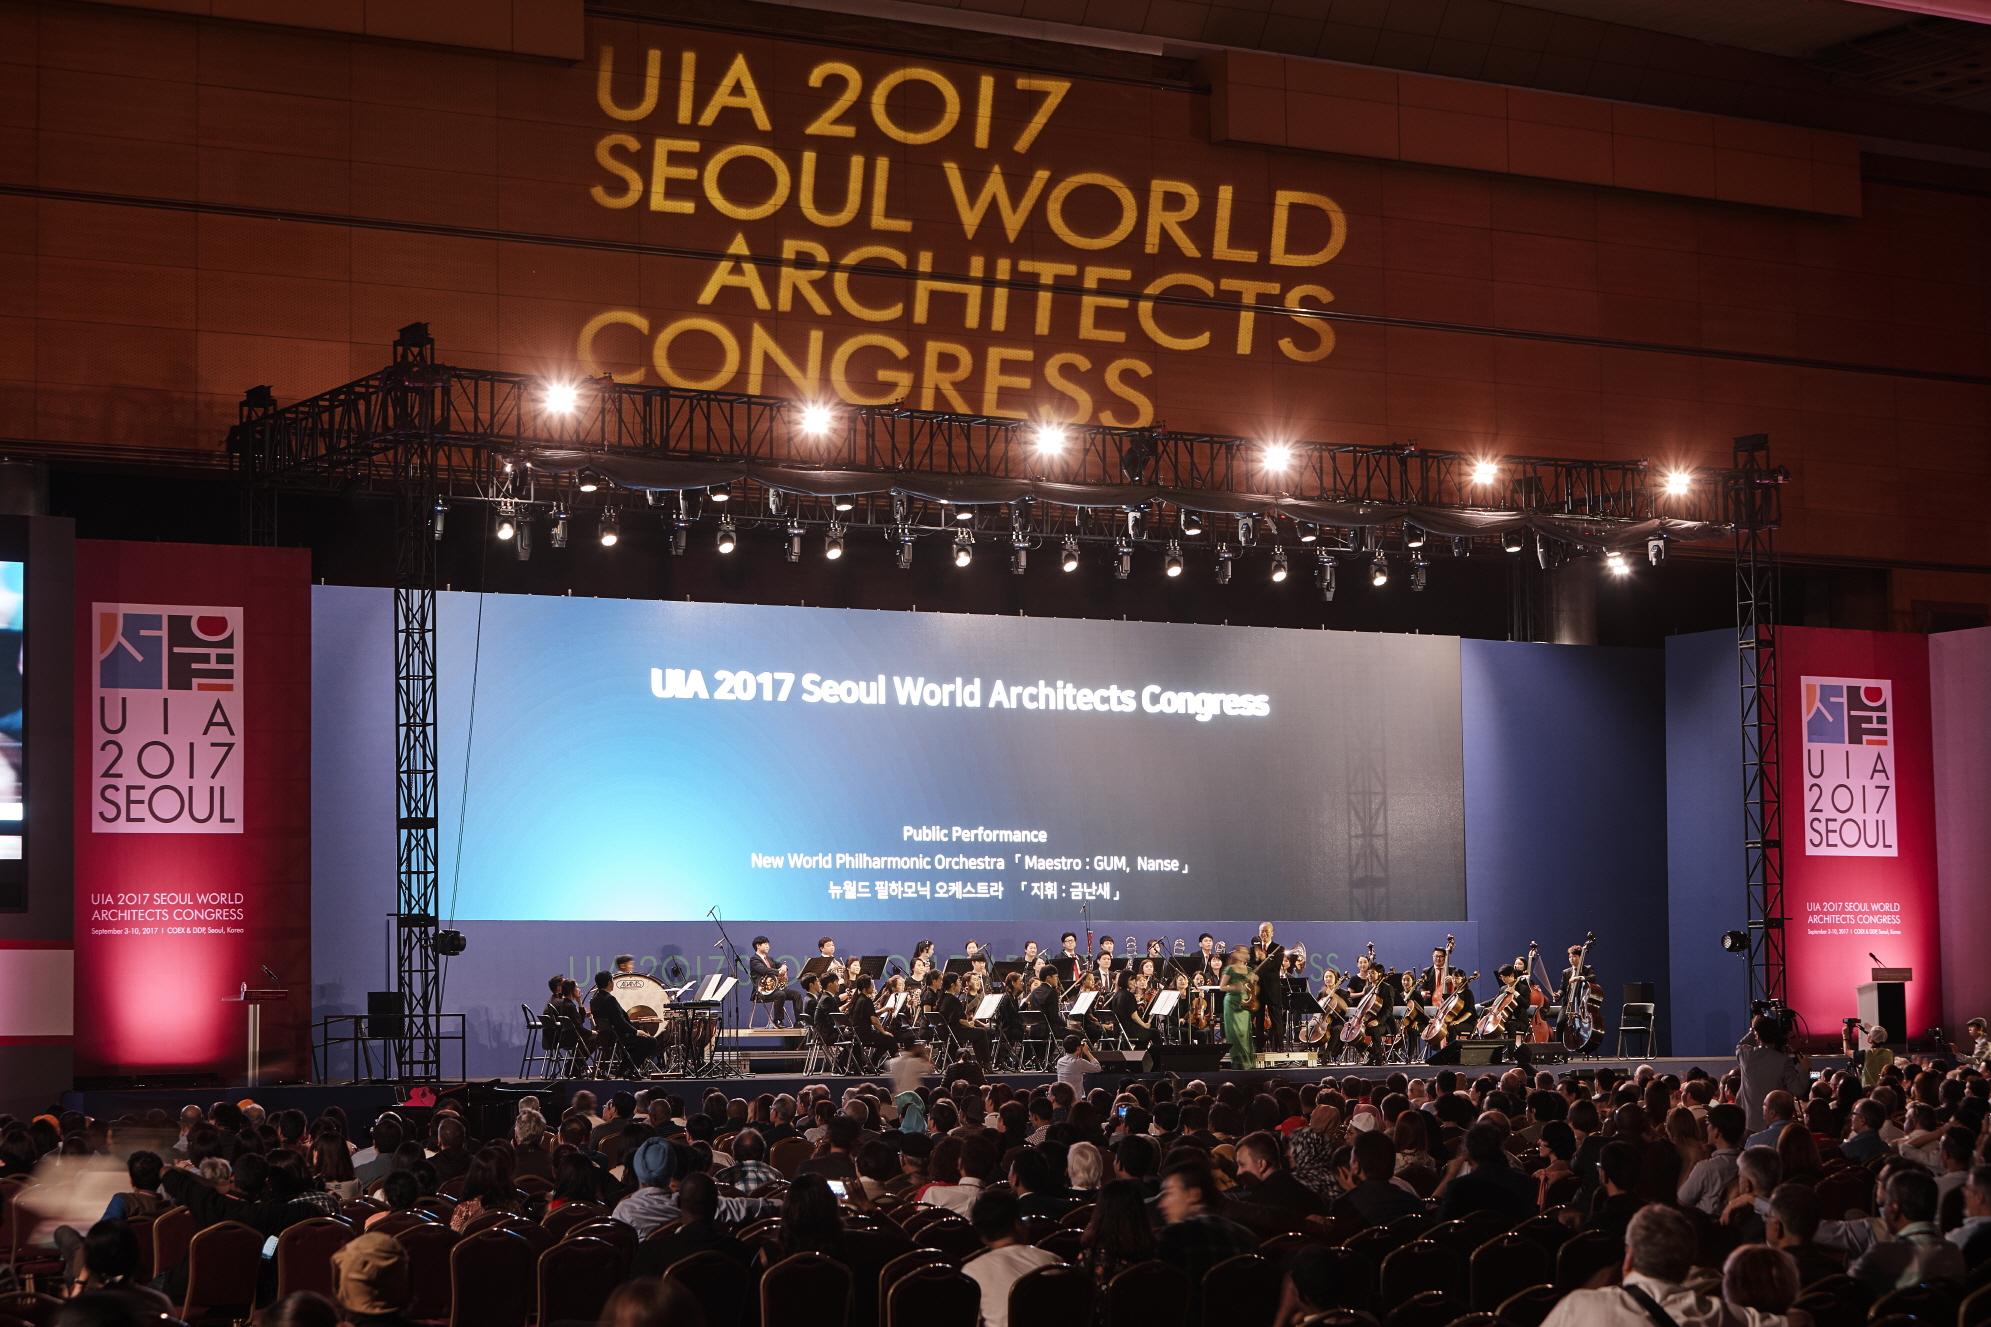 〔안정원의 디자인 칼럼〕 건축이 예술·문화로 정착하는 계기가 된 UIA 서울세계건축대회 3